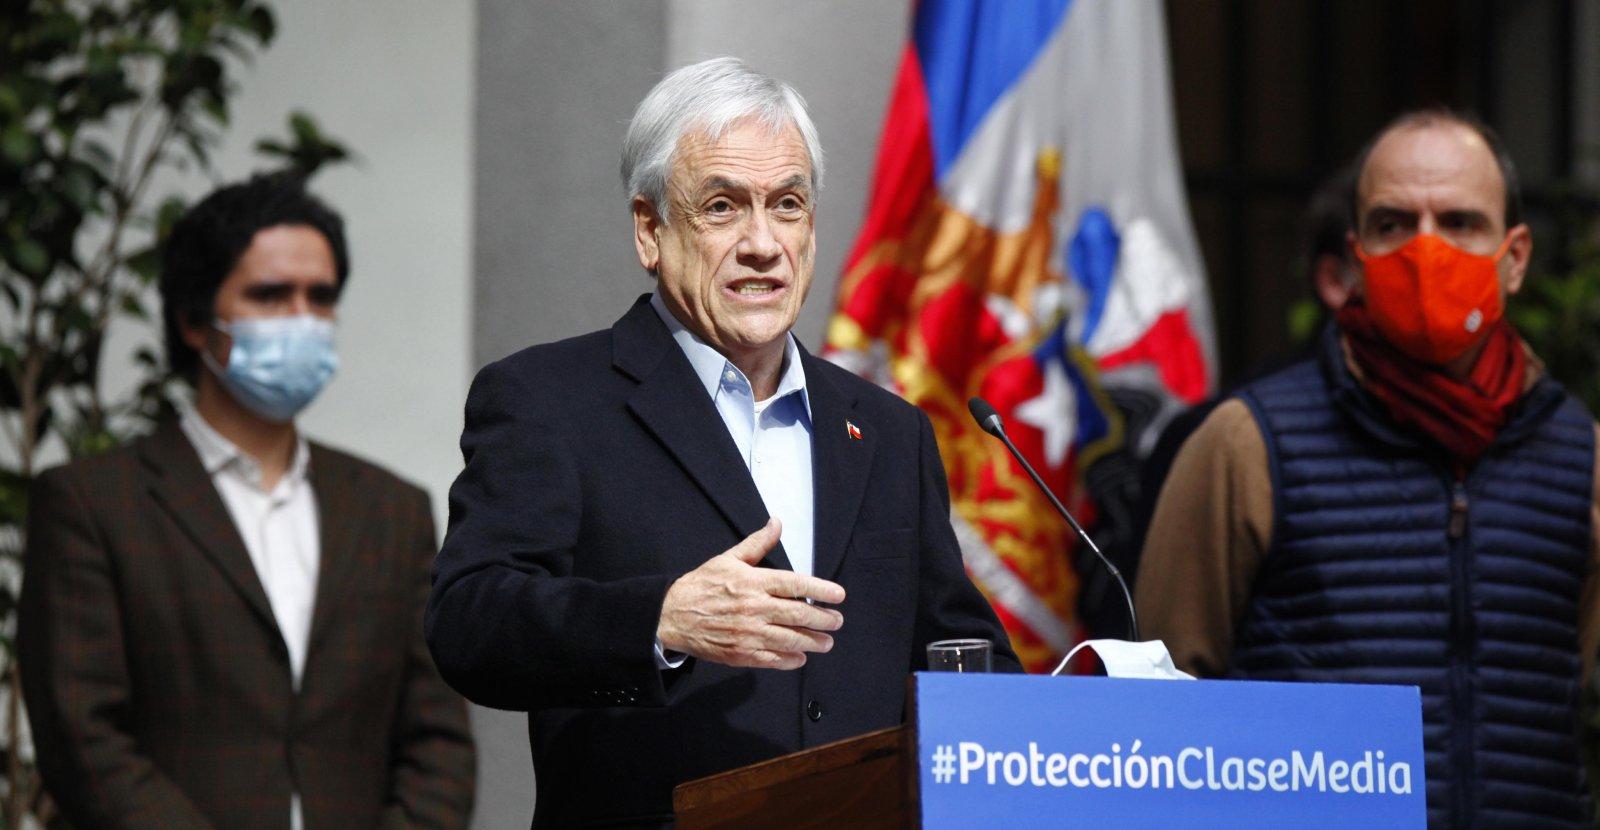 Las razones jurídicas del Gobierno para ingresar proyecto de retiro del 10%, mientras considera inconstitucional el de la oposición